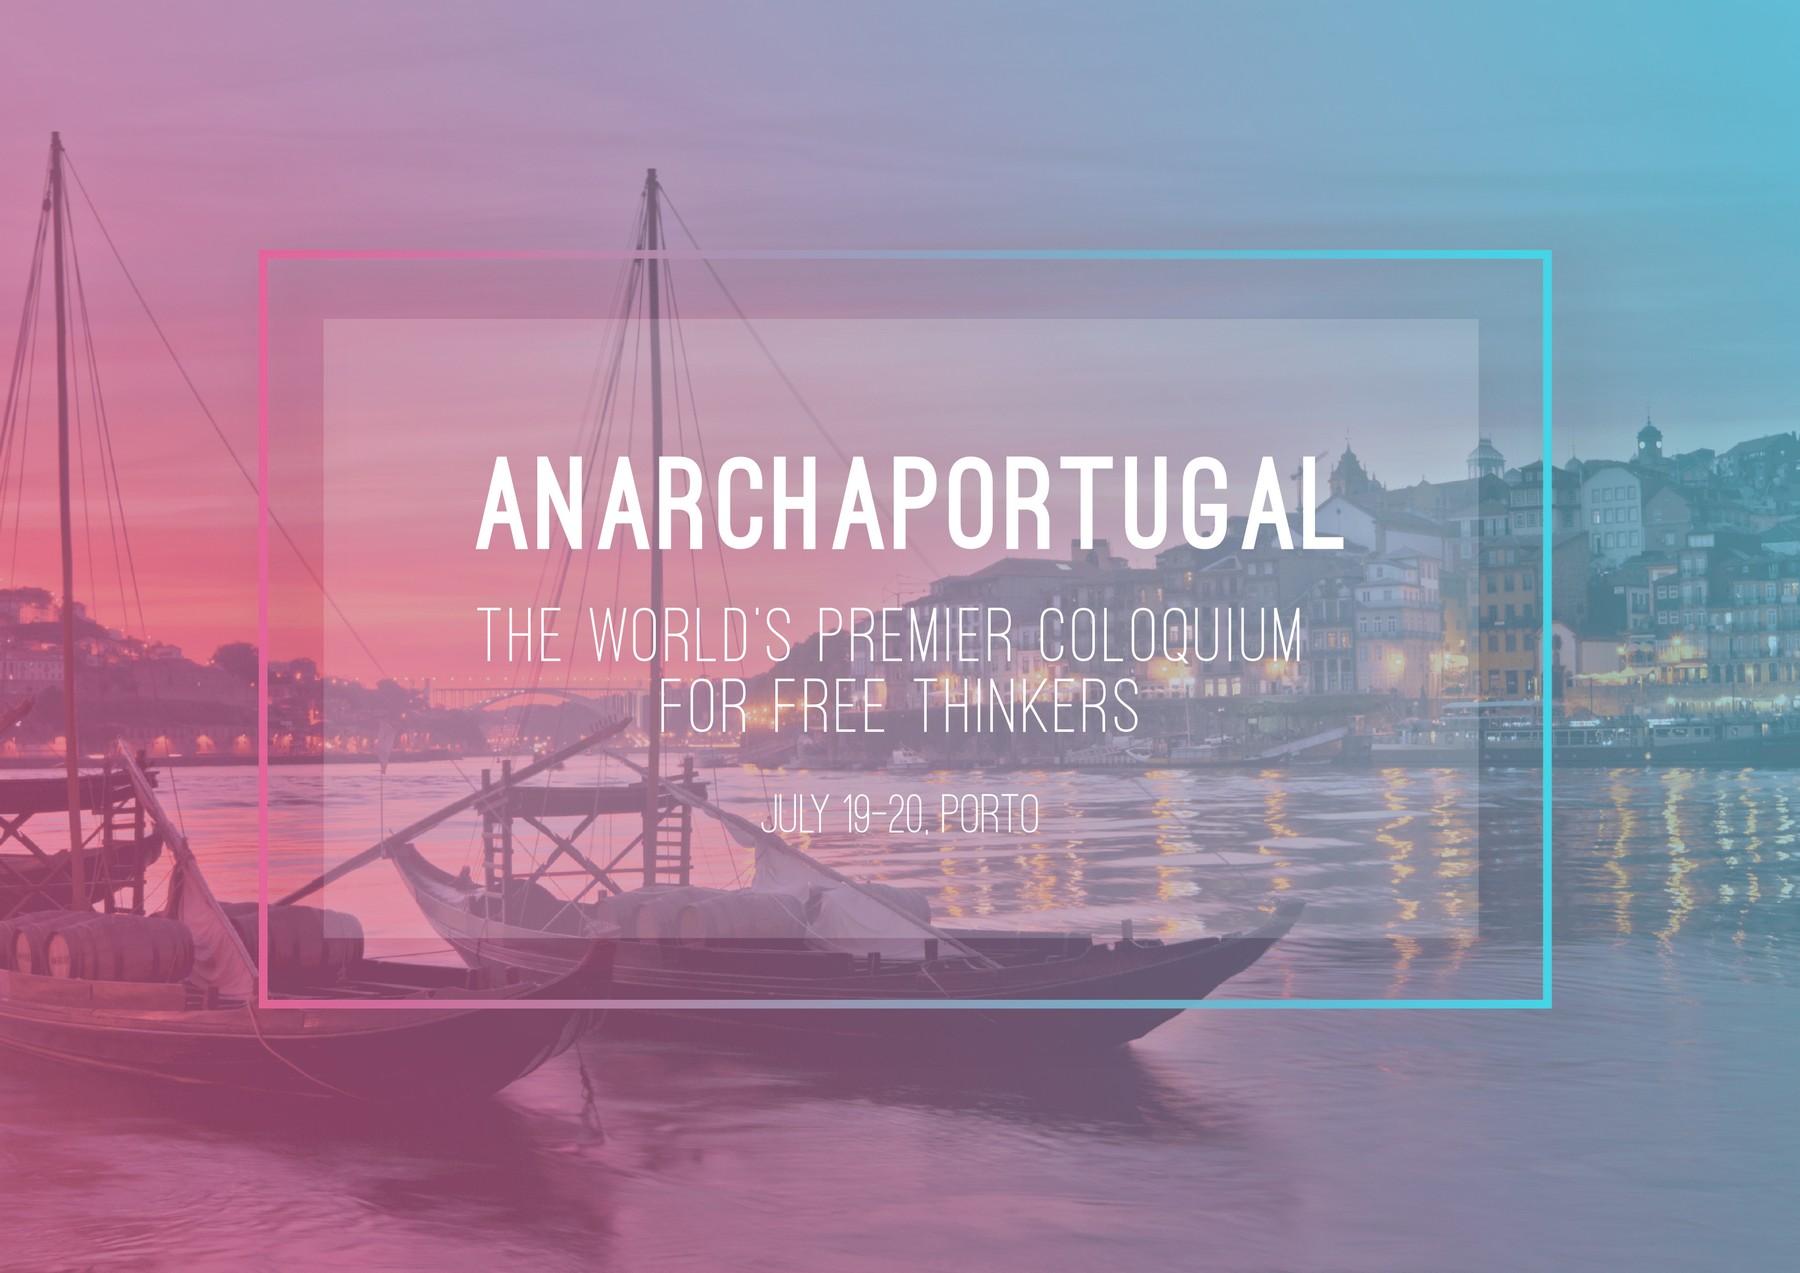 AnarchaPortugal il primo colloquio al mondo per liberi pensatori - AnarchaPortugal l'evento con il primo colloquio al mondo per liberi pensatori